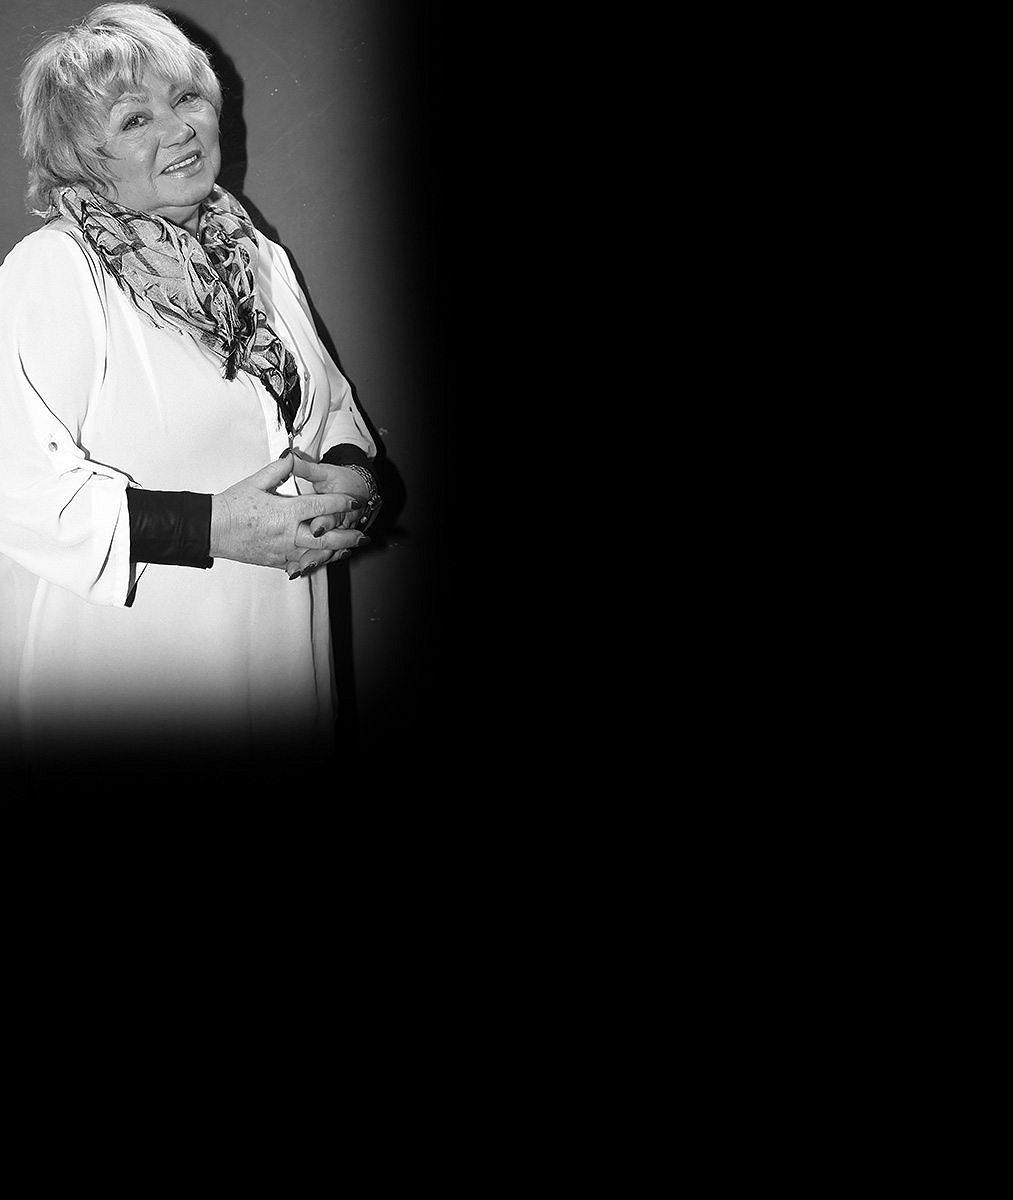 Ostrava se ponořila do proudů slz: Podívejte, jak místní dojemně uctívají památku Věry Špinarové